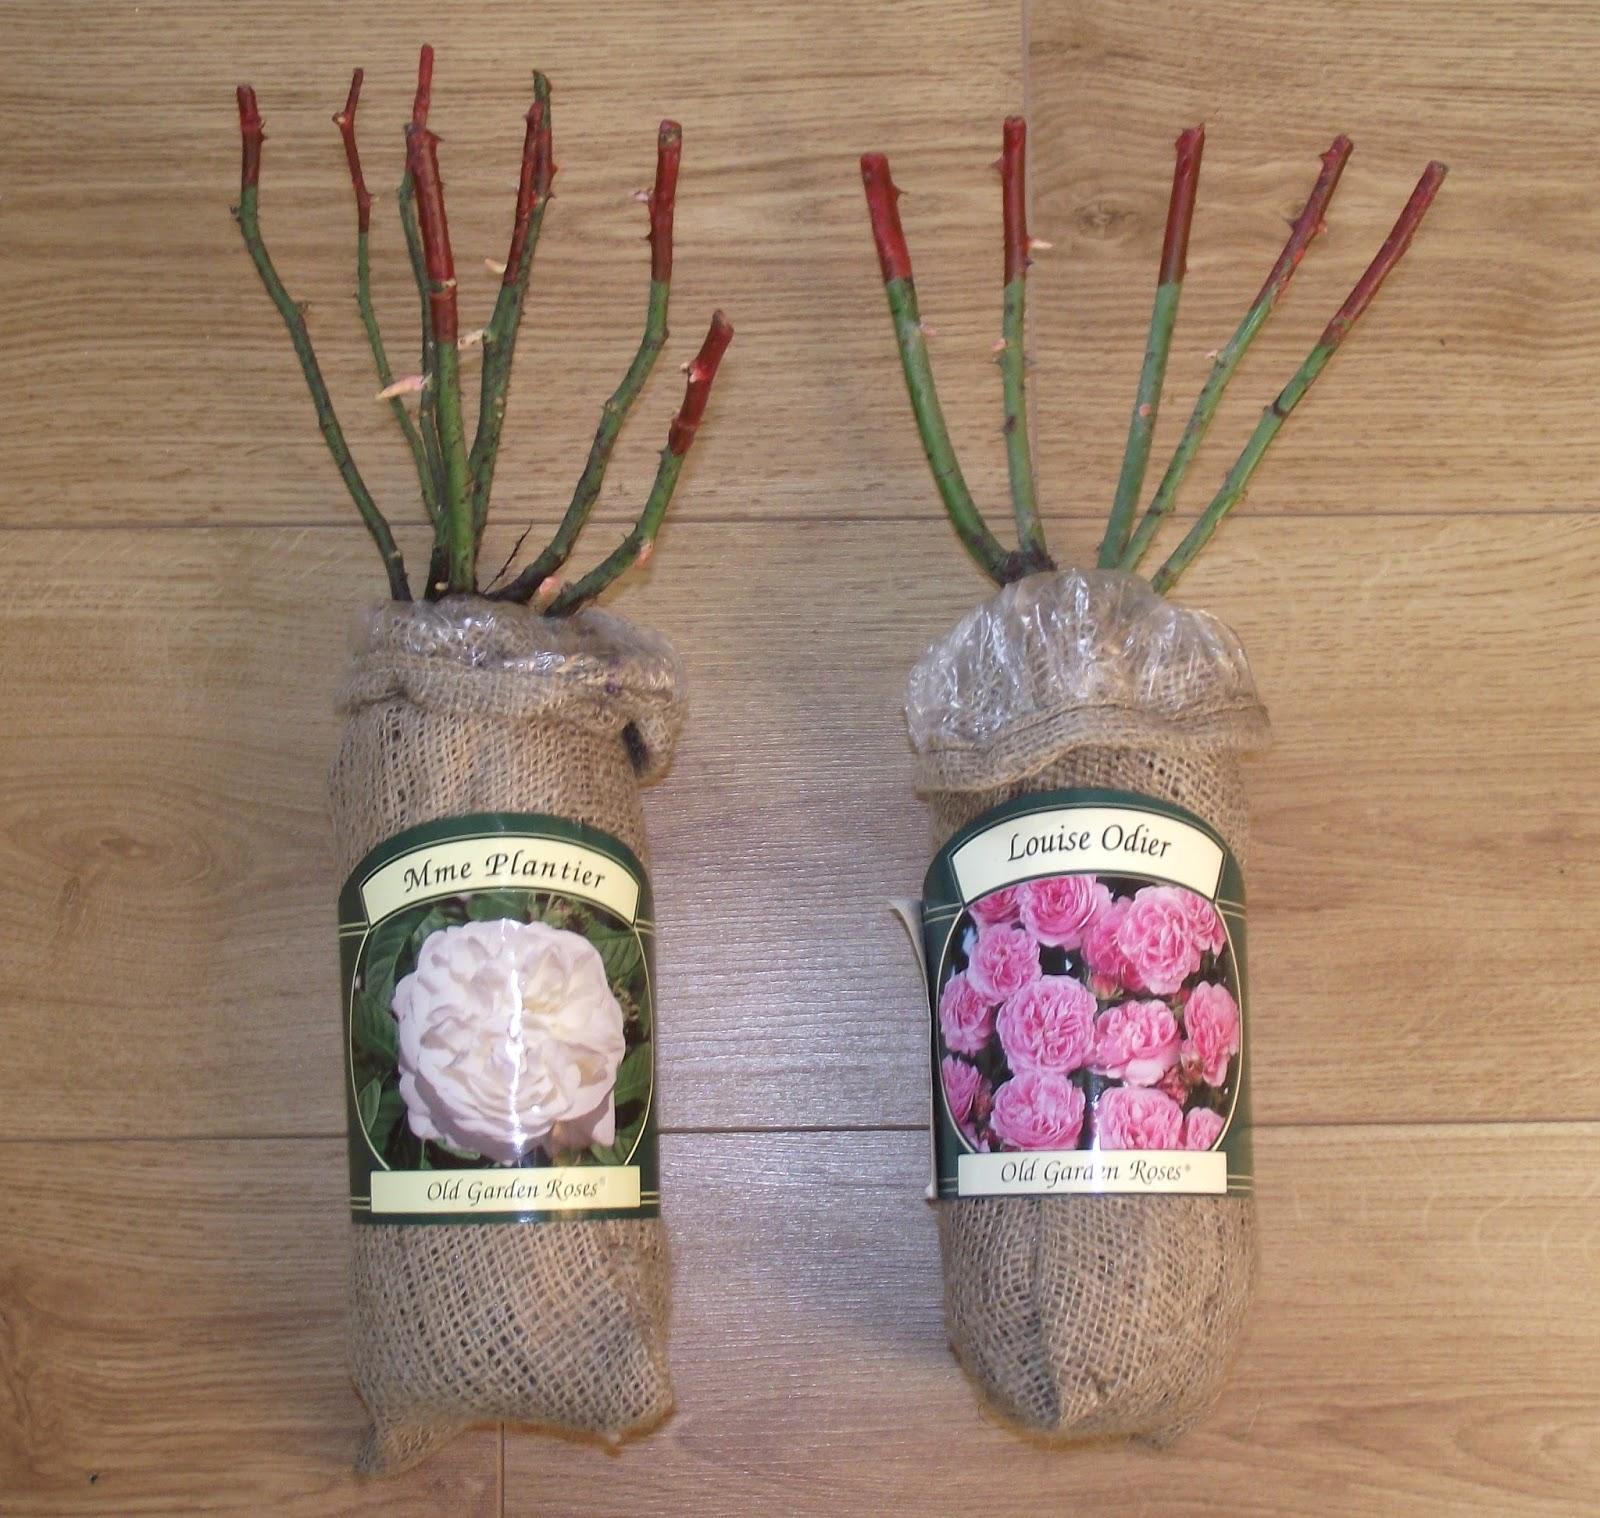 promesse de roses 2 nouveaux rosiers anciens dans mon panier. Black Bedroom Furniture Sets. Home Design Ideas